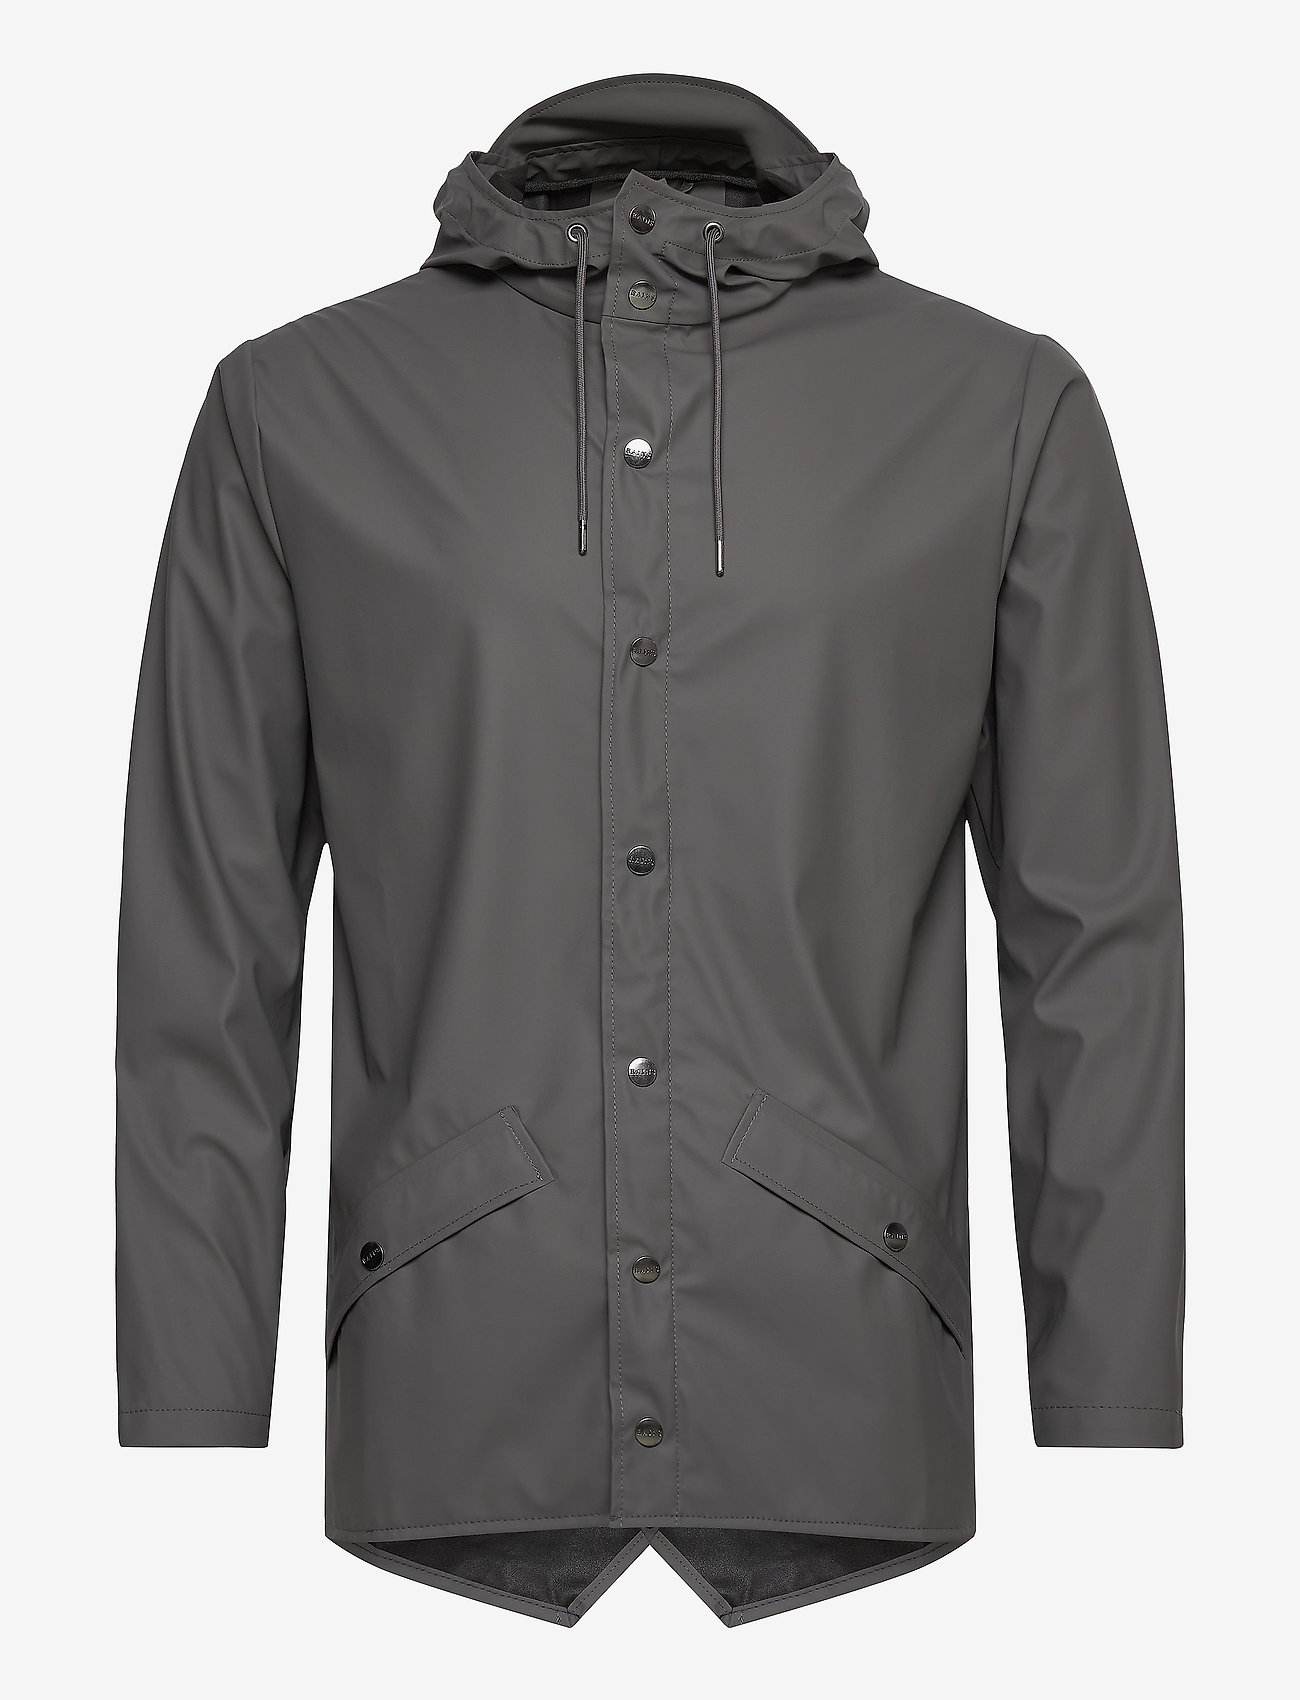 Rains - Jacket - manteaux de pluie - 18 charcoal - 0